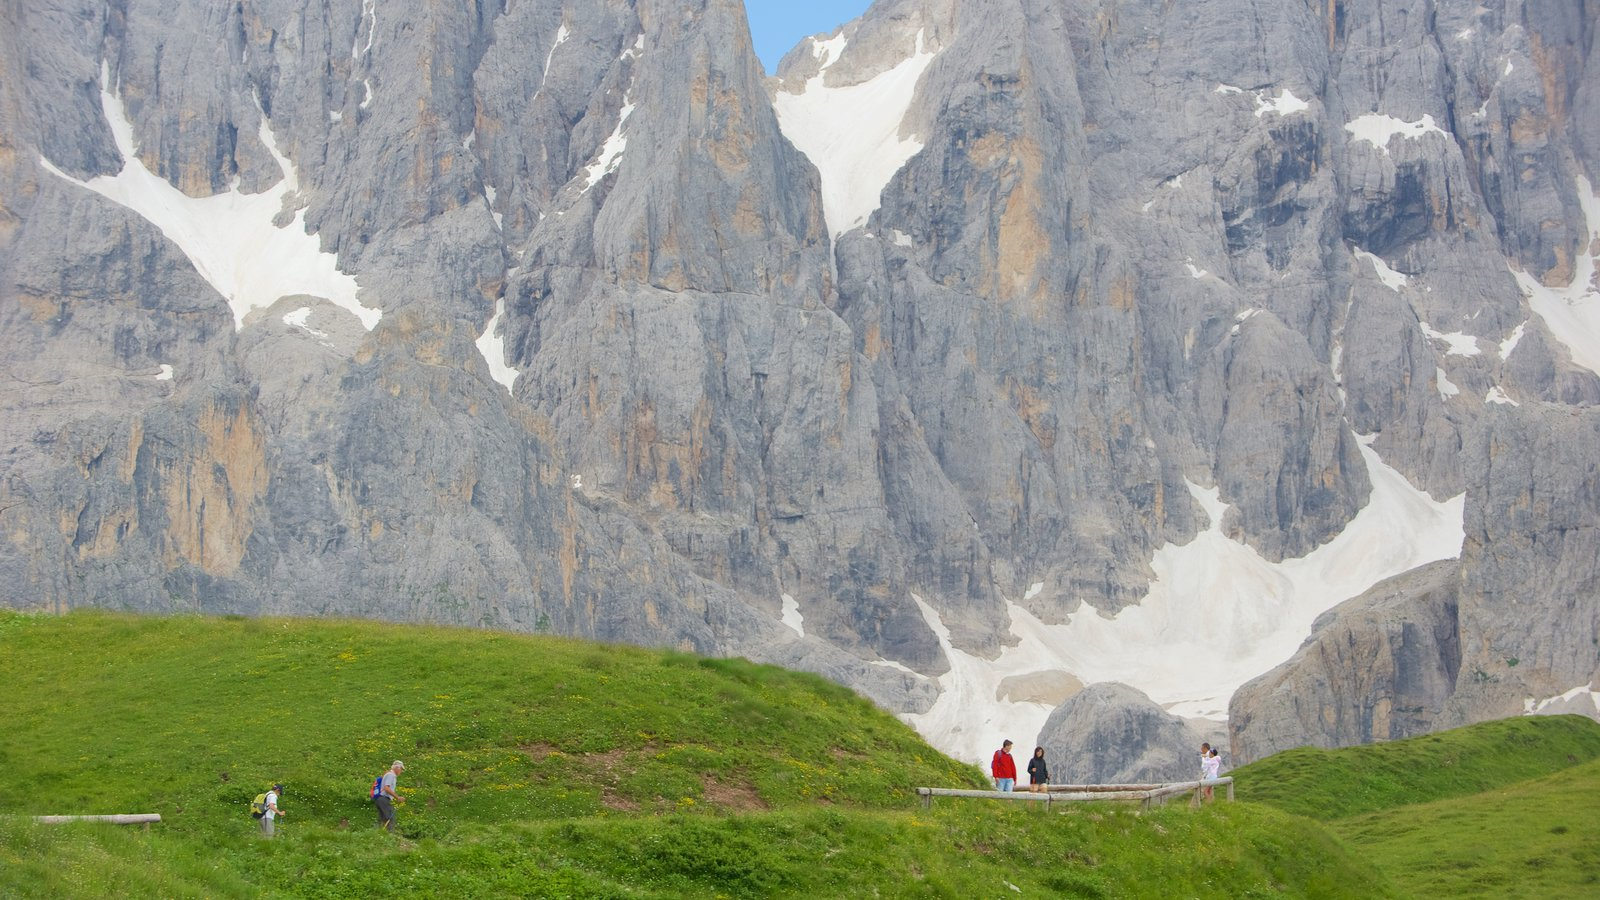 Passo Rolle mostrando senderismo o caminata y escenas tranquilas